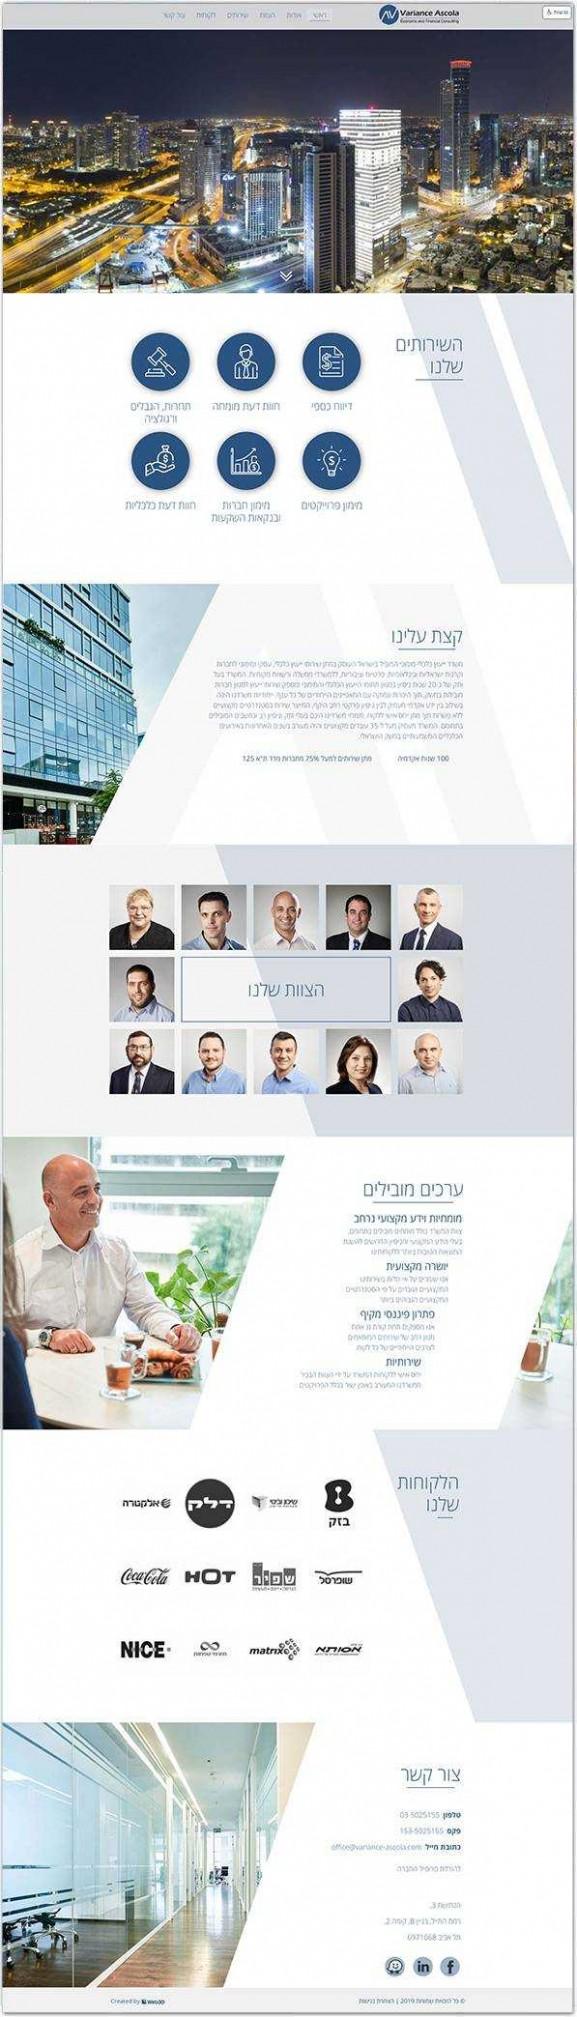 אסכולה וריאנס, פיתוח אתר, עיצוב אתר, קידום אורגני, קידום אתר